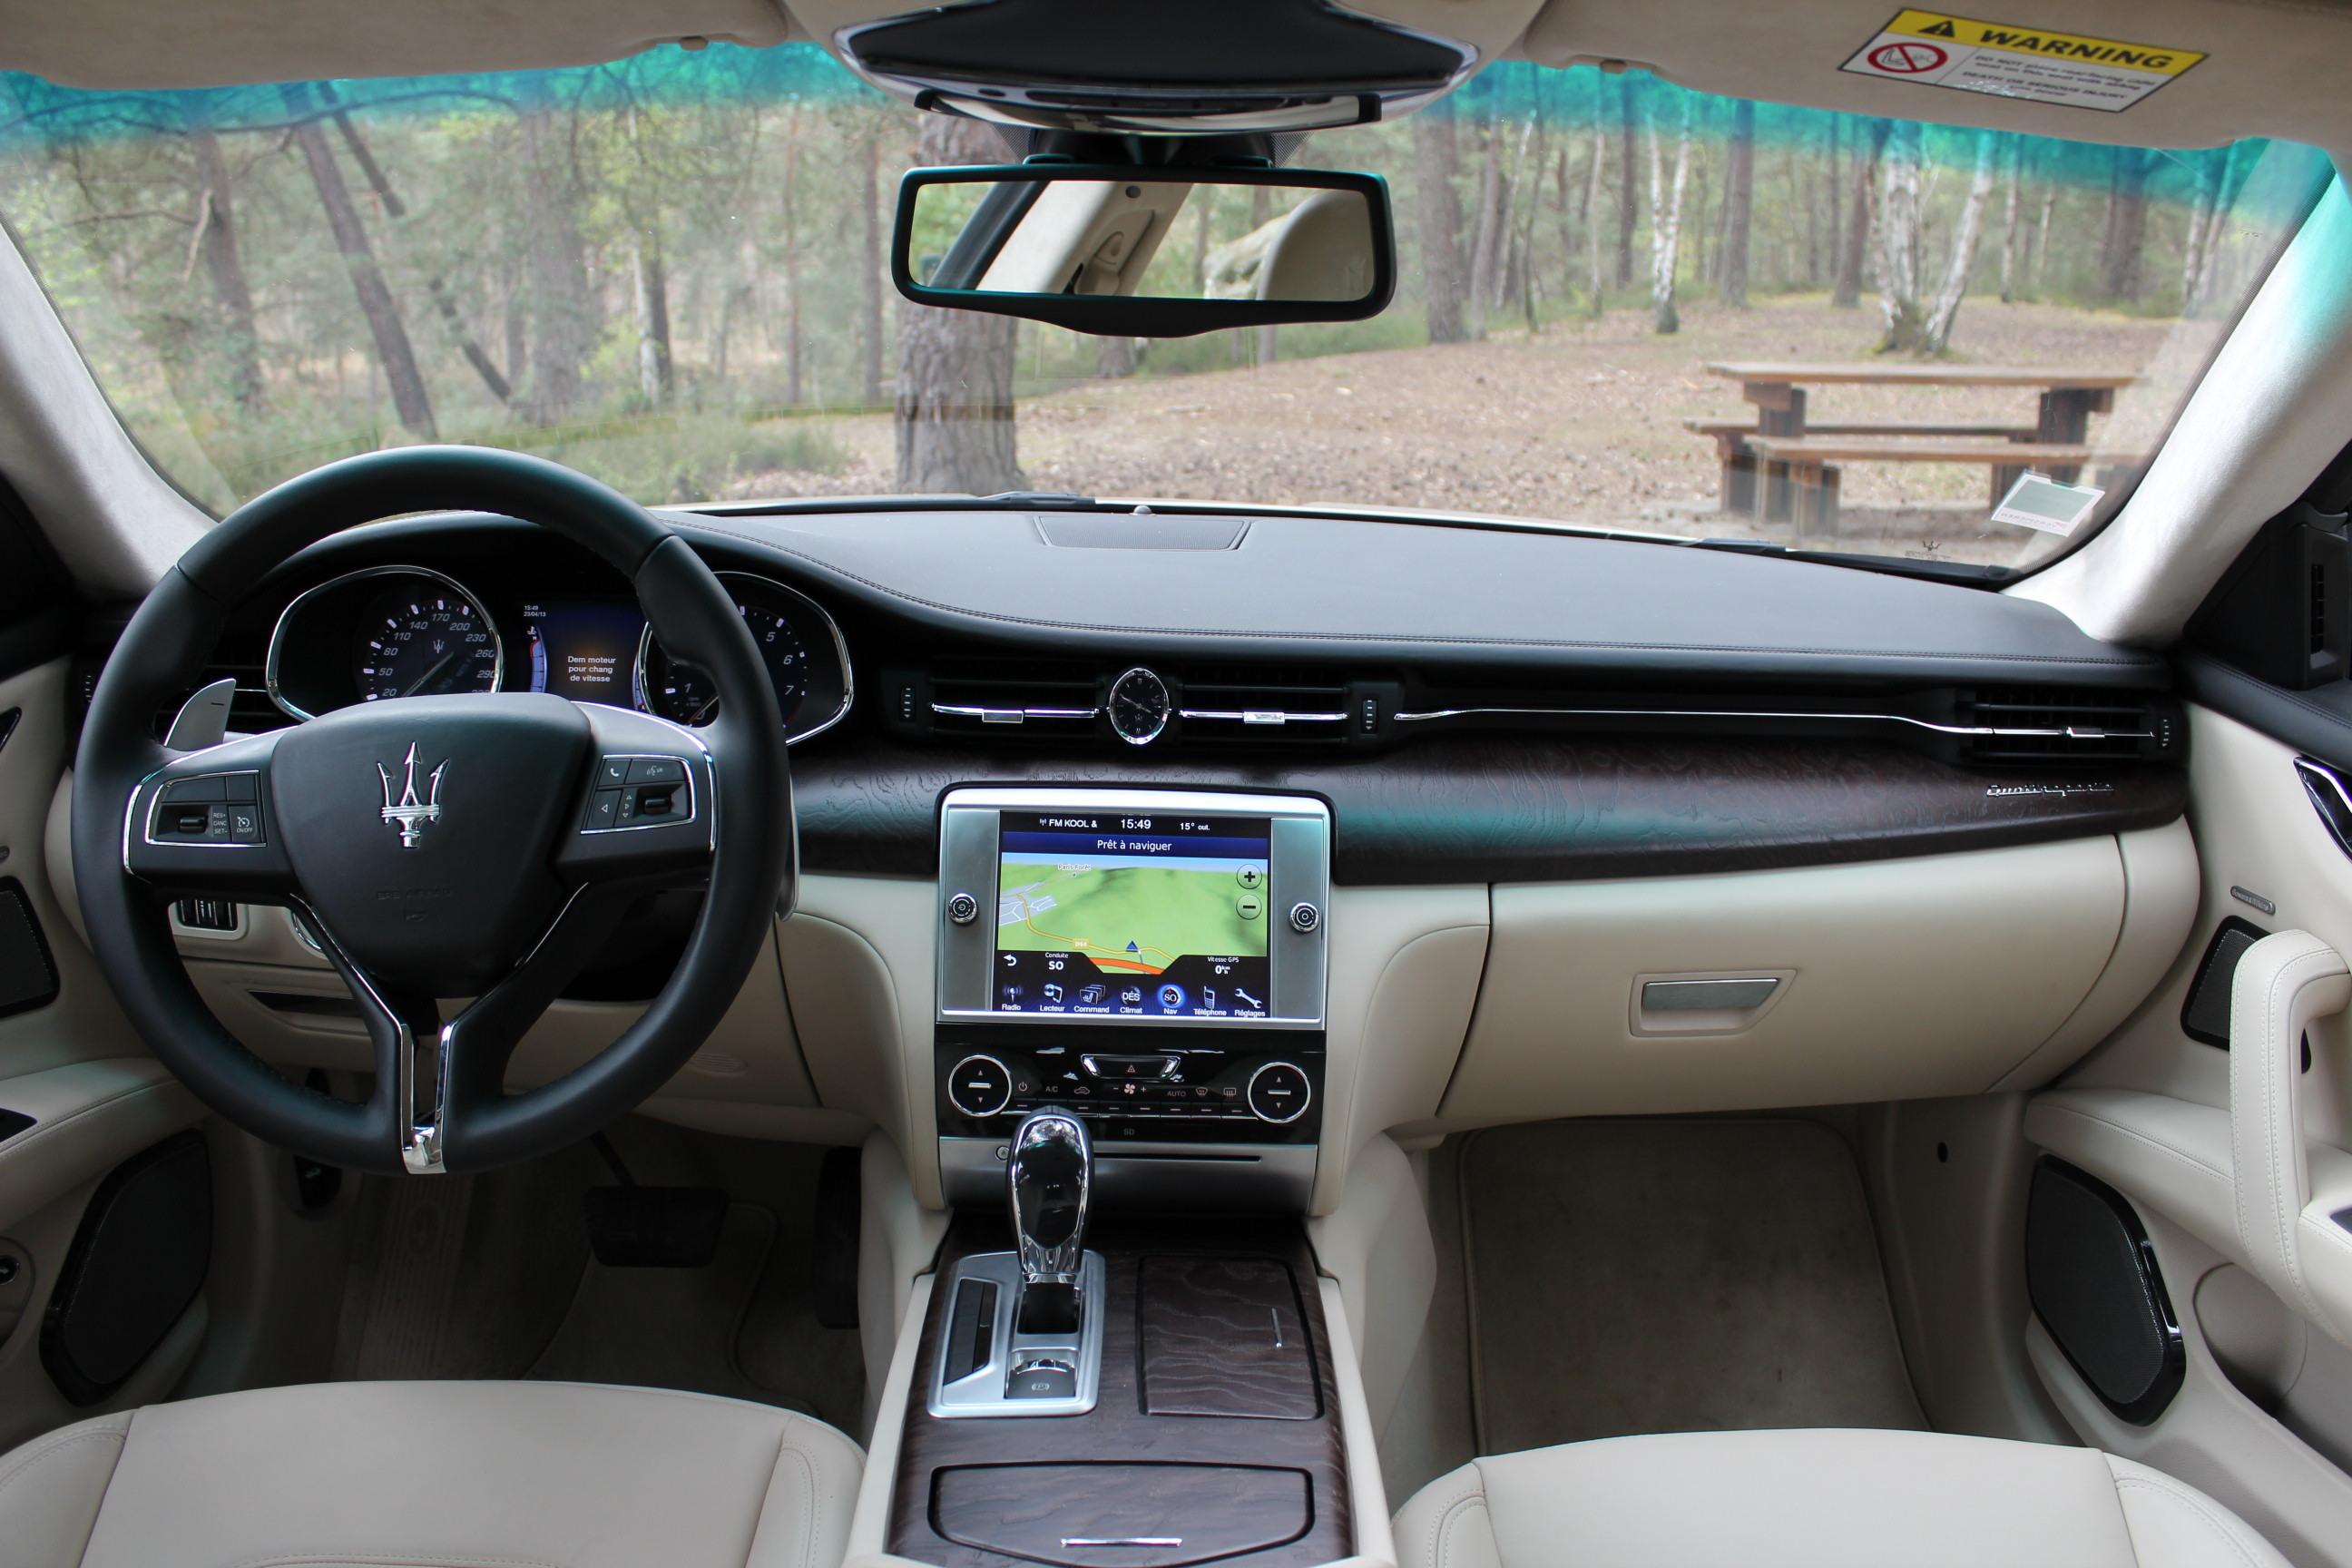 M Jaguar Xj Essai vidéo - Mas...